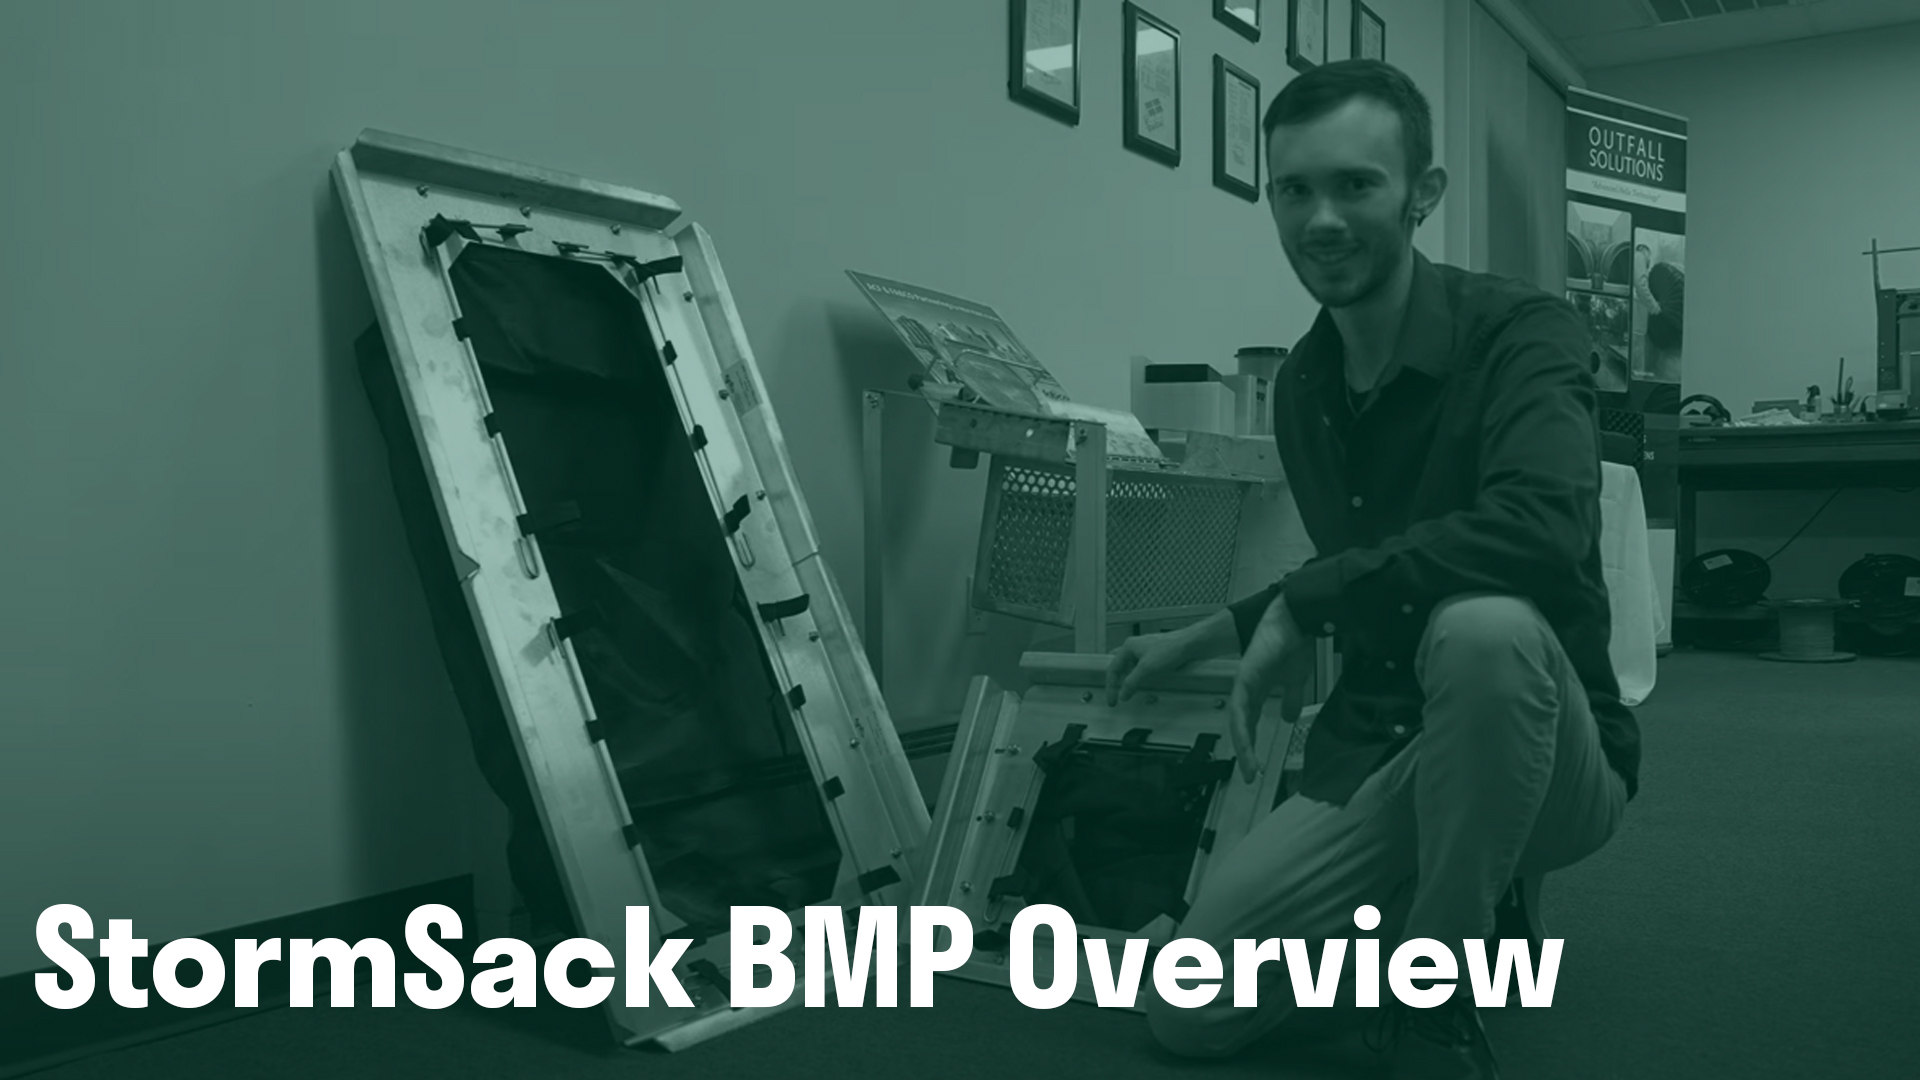 StormSack BMP Overview